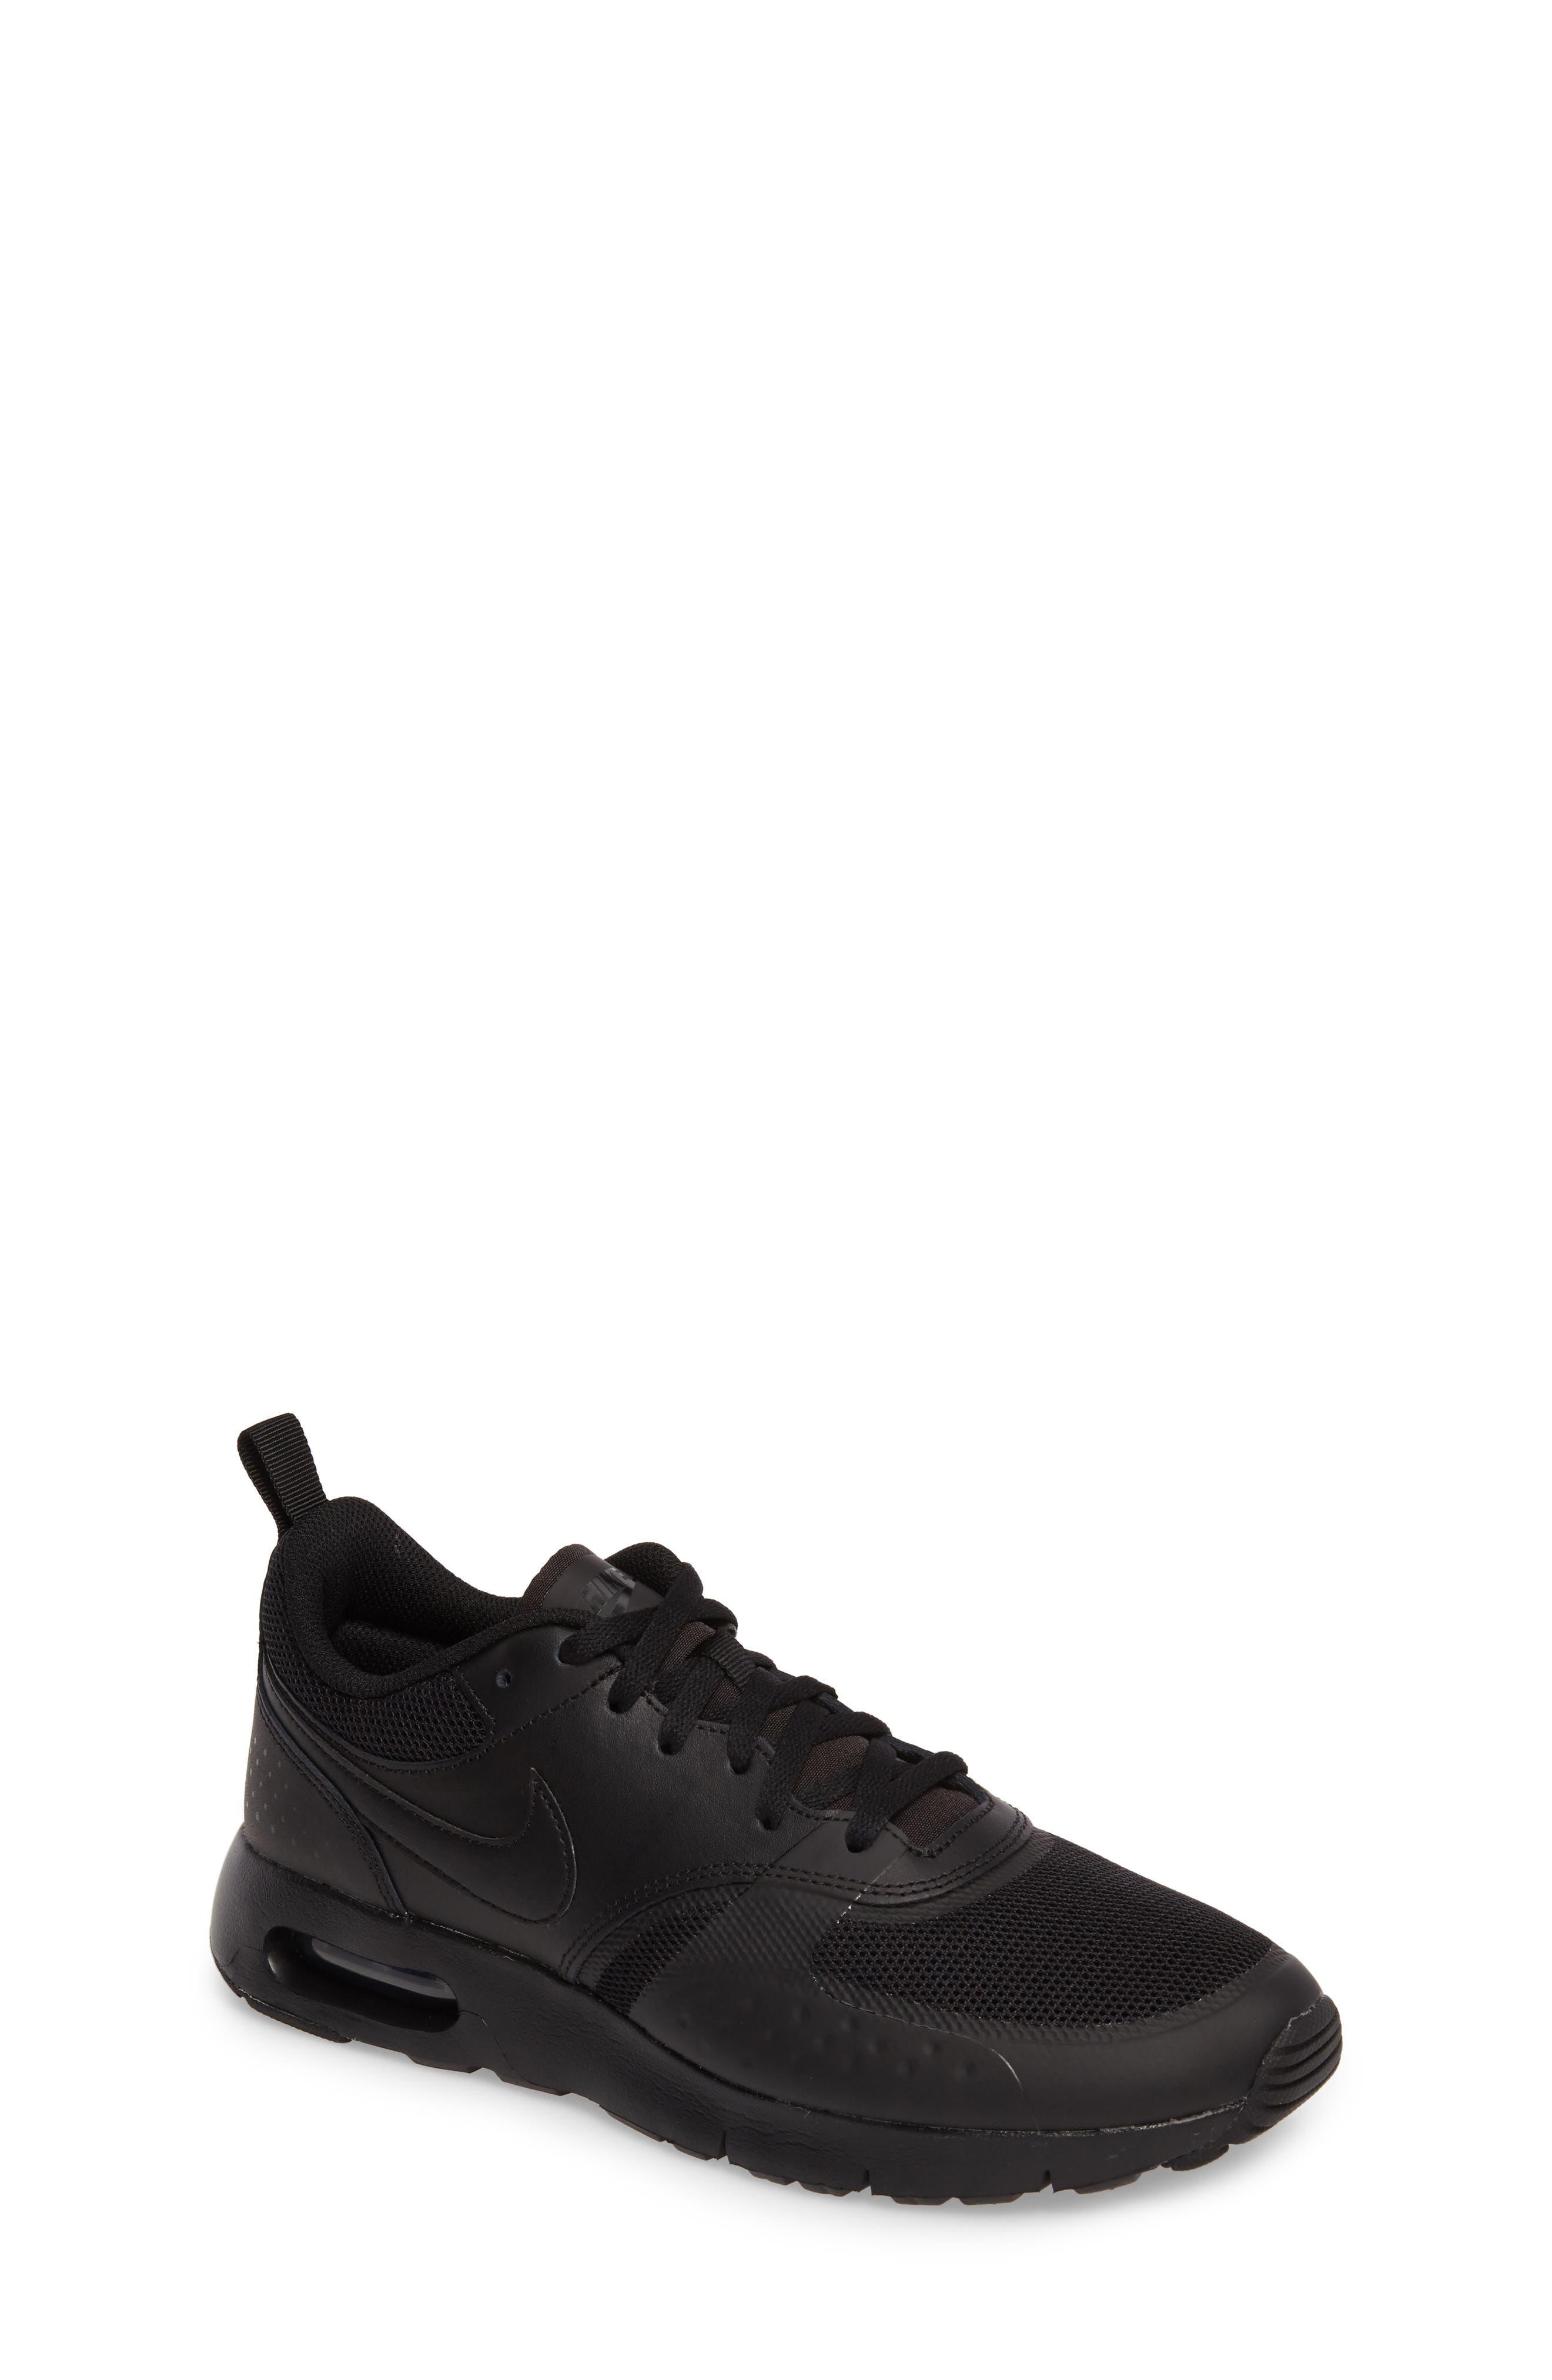 Air Max Vision Sneaker,                         Main,                         color, Black